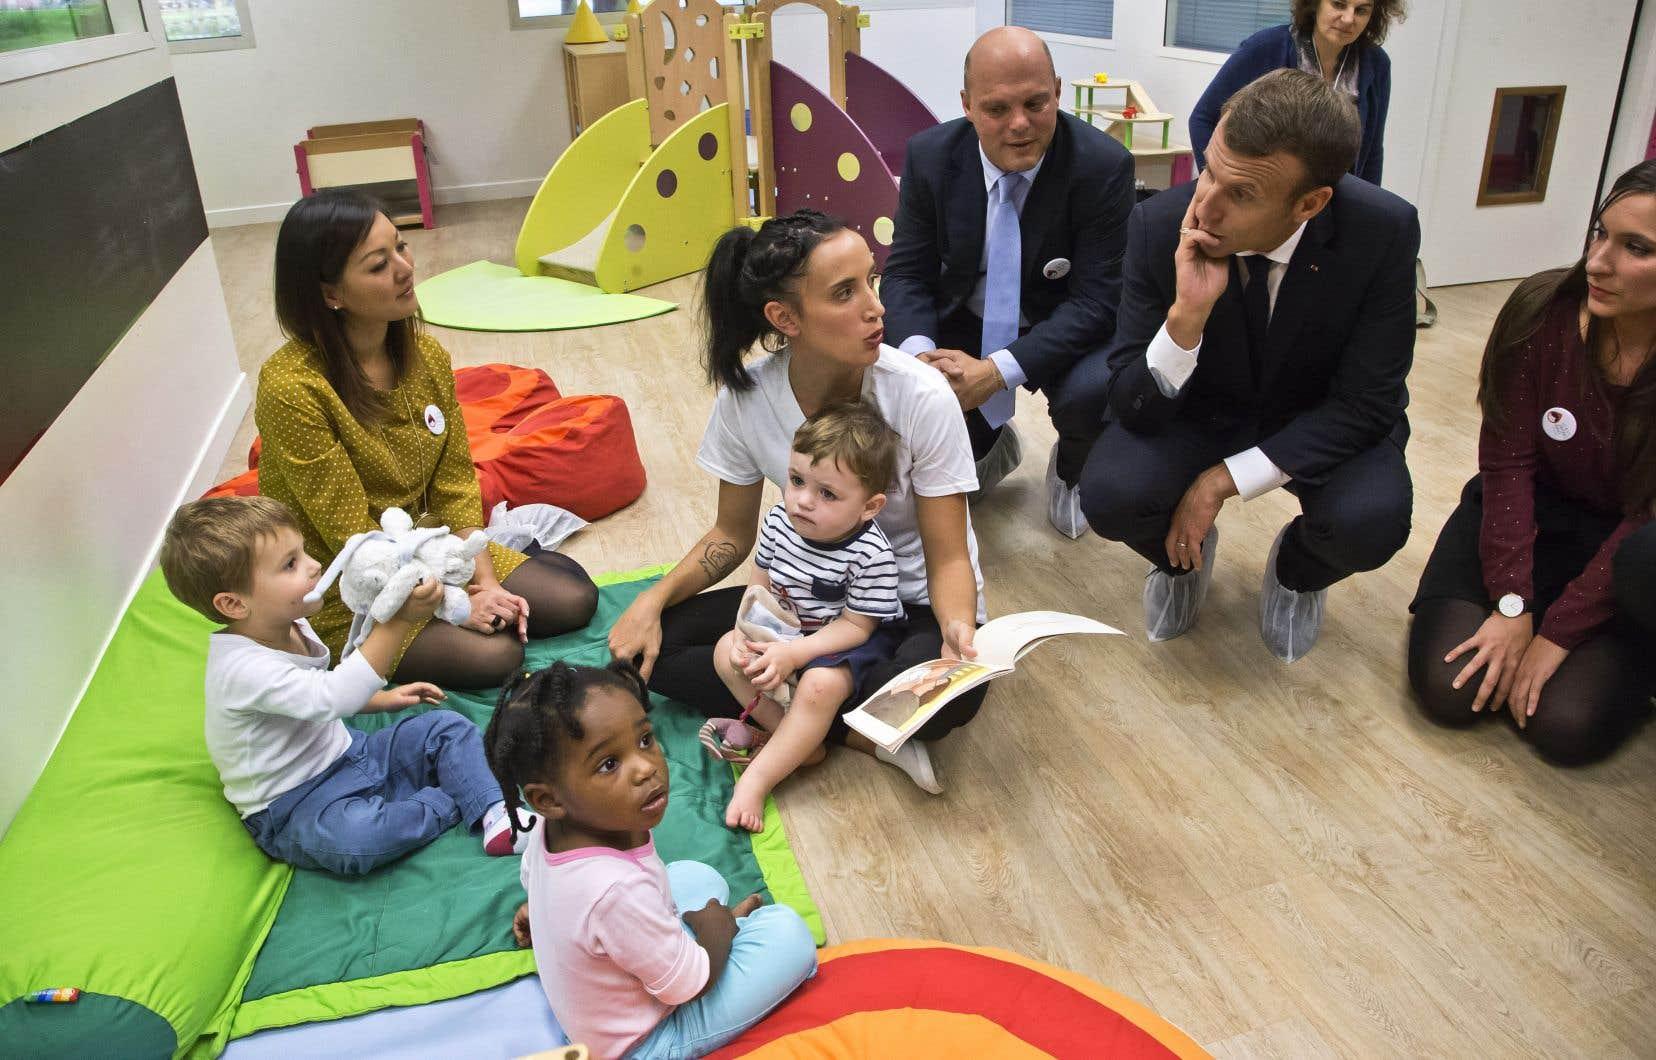 Le président français, Emmanuel Macron, lors d'une visite d'une école maternelle dans le nord de Paris l'an dernier